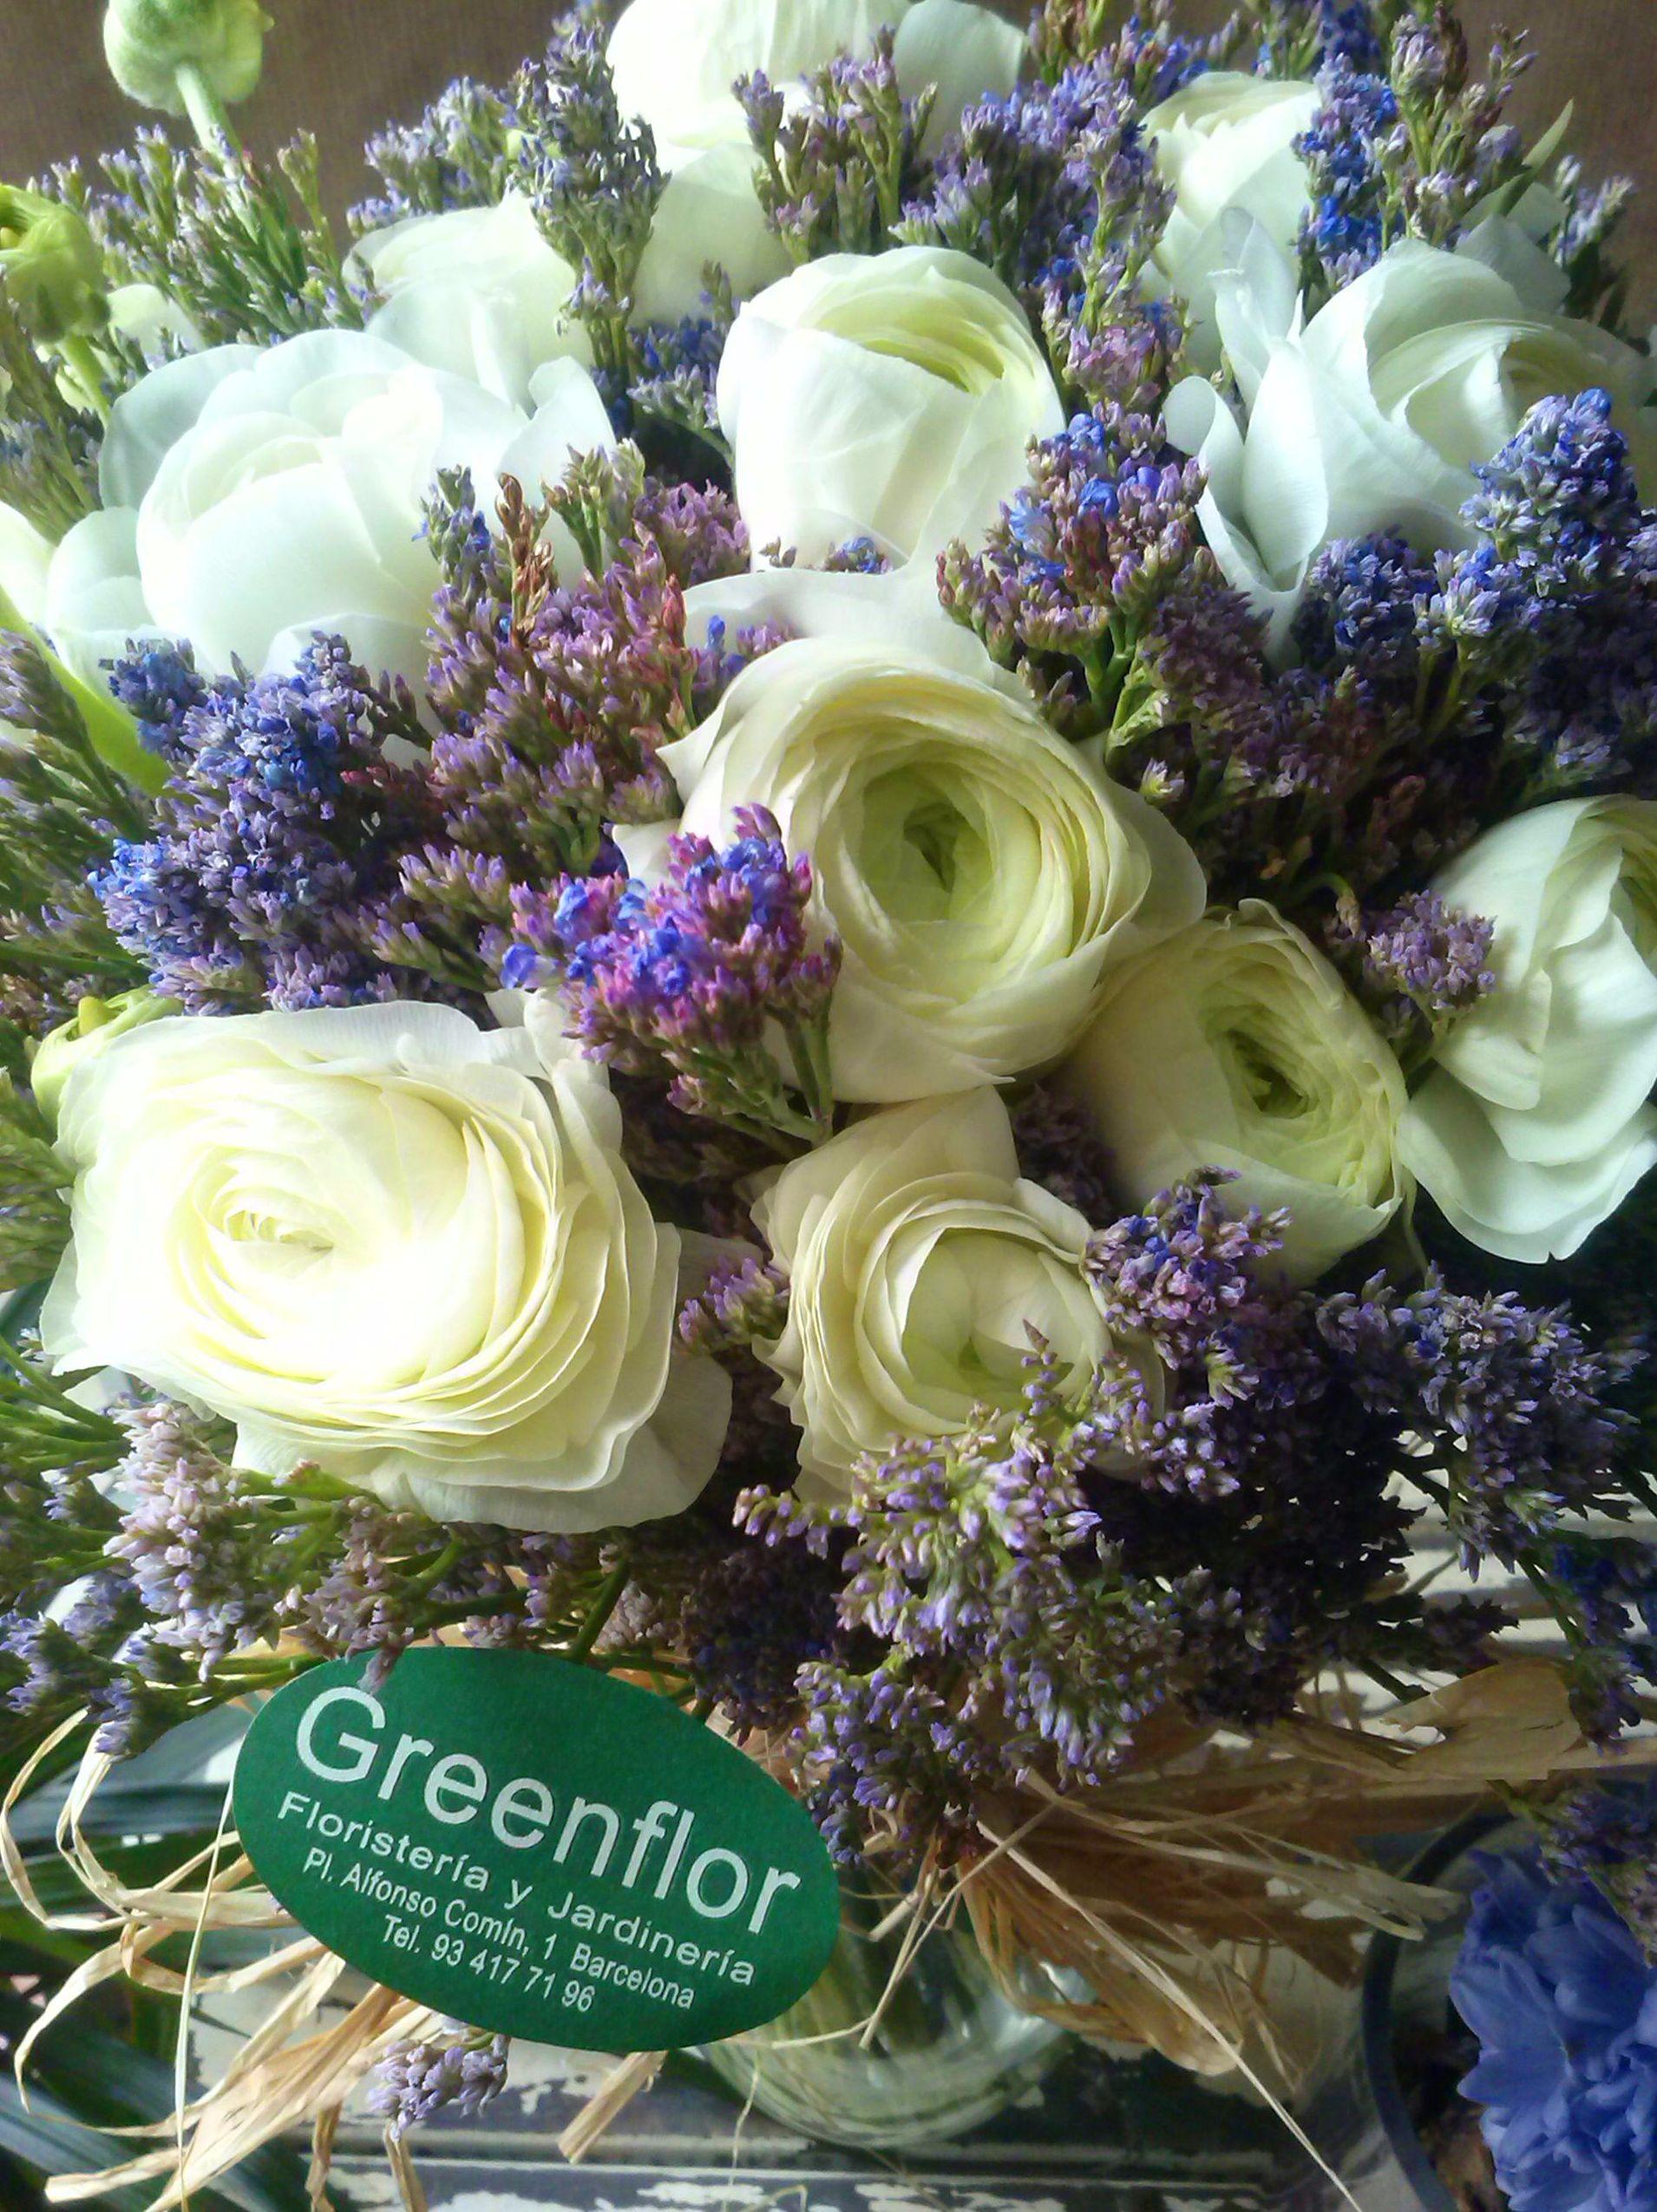 Envia flores a domicilio en barcelona for Jardineria a domicilio barcelona